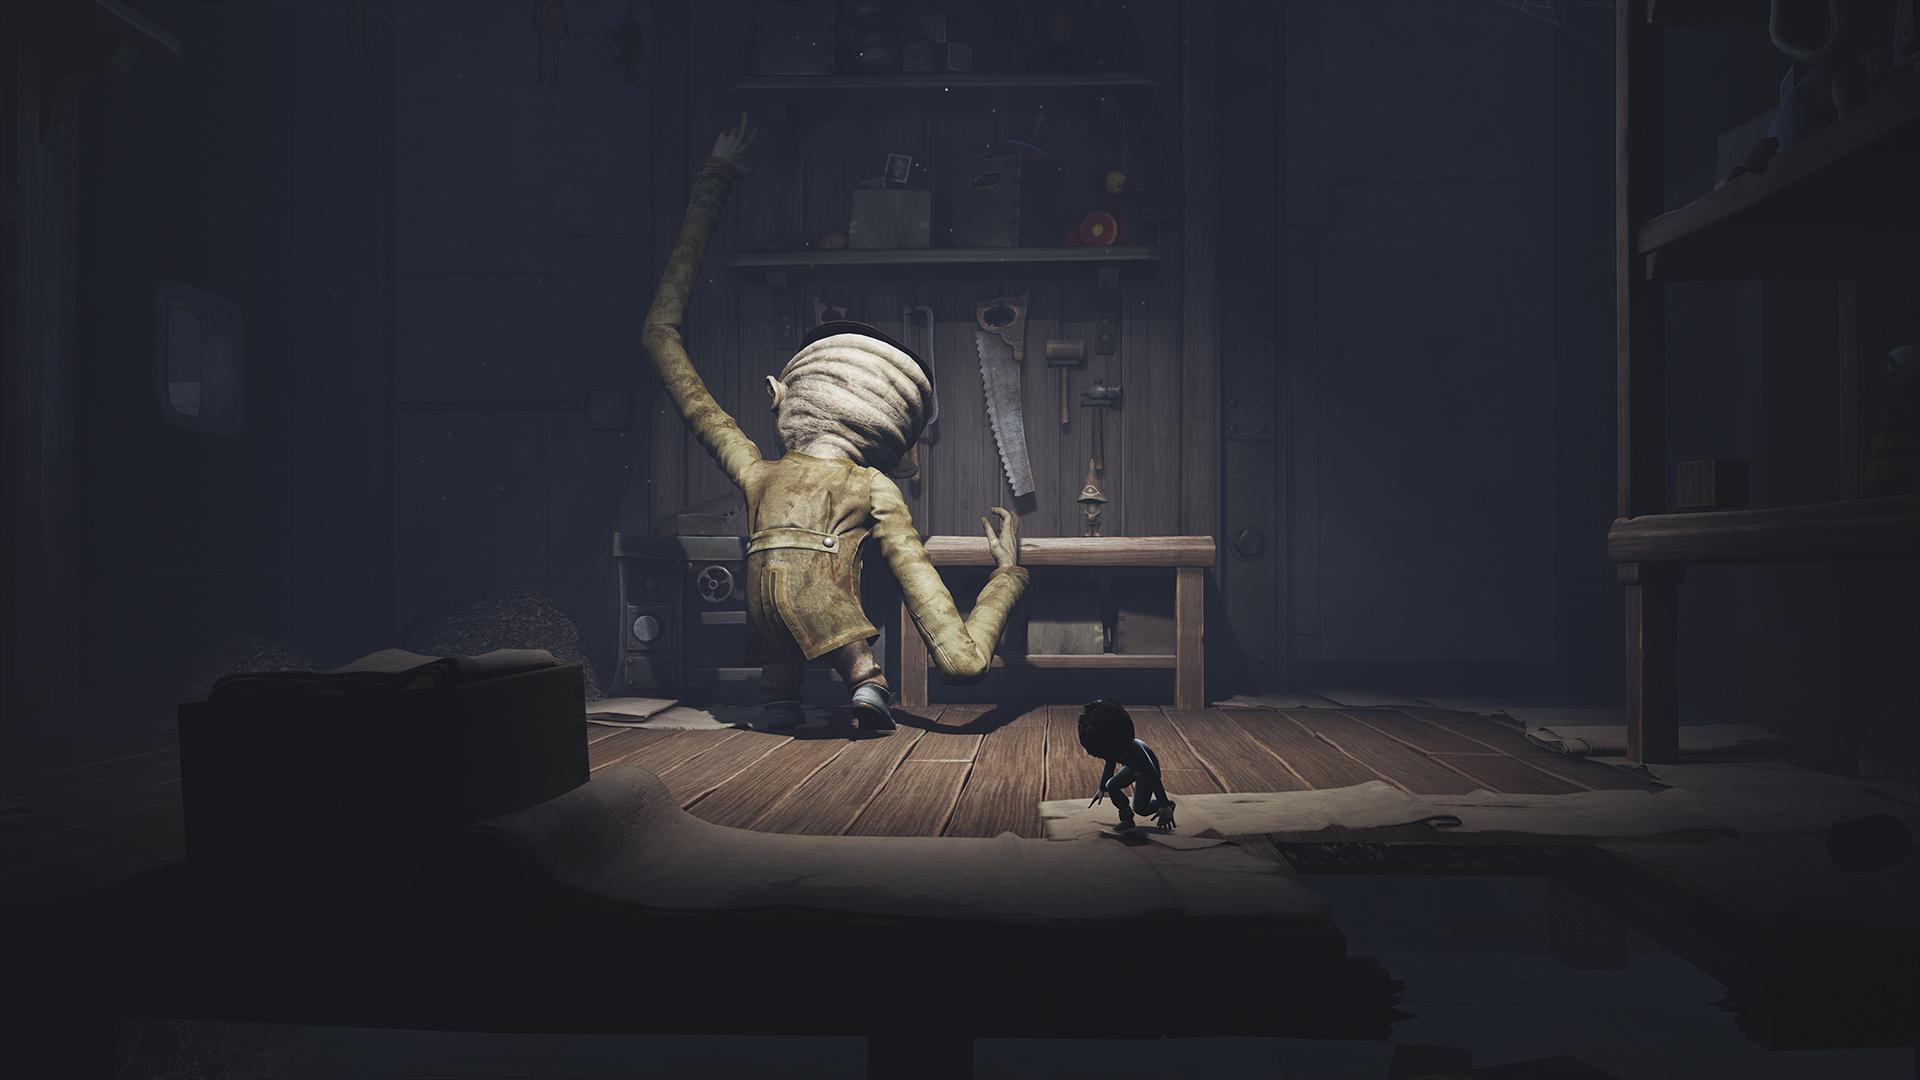 「リトルナイトメア」第2弾DLC「The Hideaway-ひみつのへや-」が11月10日に配信。モウに囚われた少年「ランナウェイ・キッド」第2の物語「リトルナイトメア」第2弾DLC「The Hideaway-ひみつのへや-」が11月10日に配信。モウに囚われた少年「ランナウェイ・キッド」第2の物語